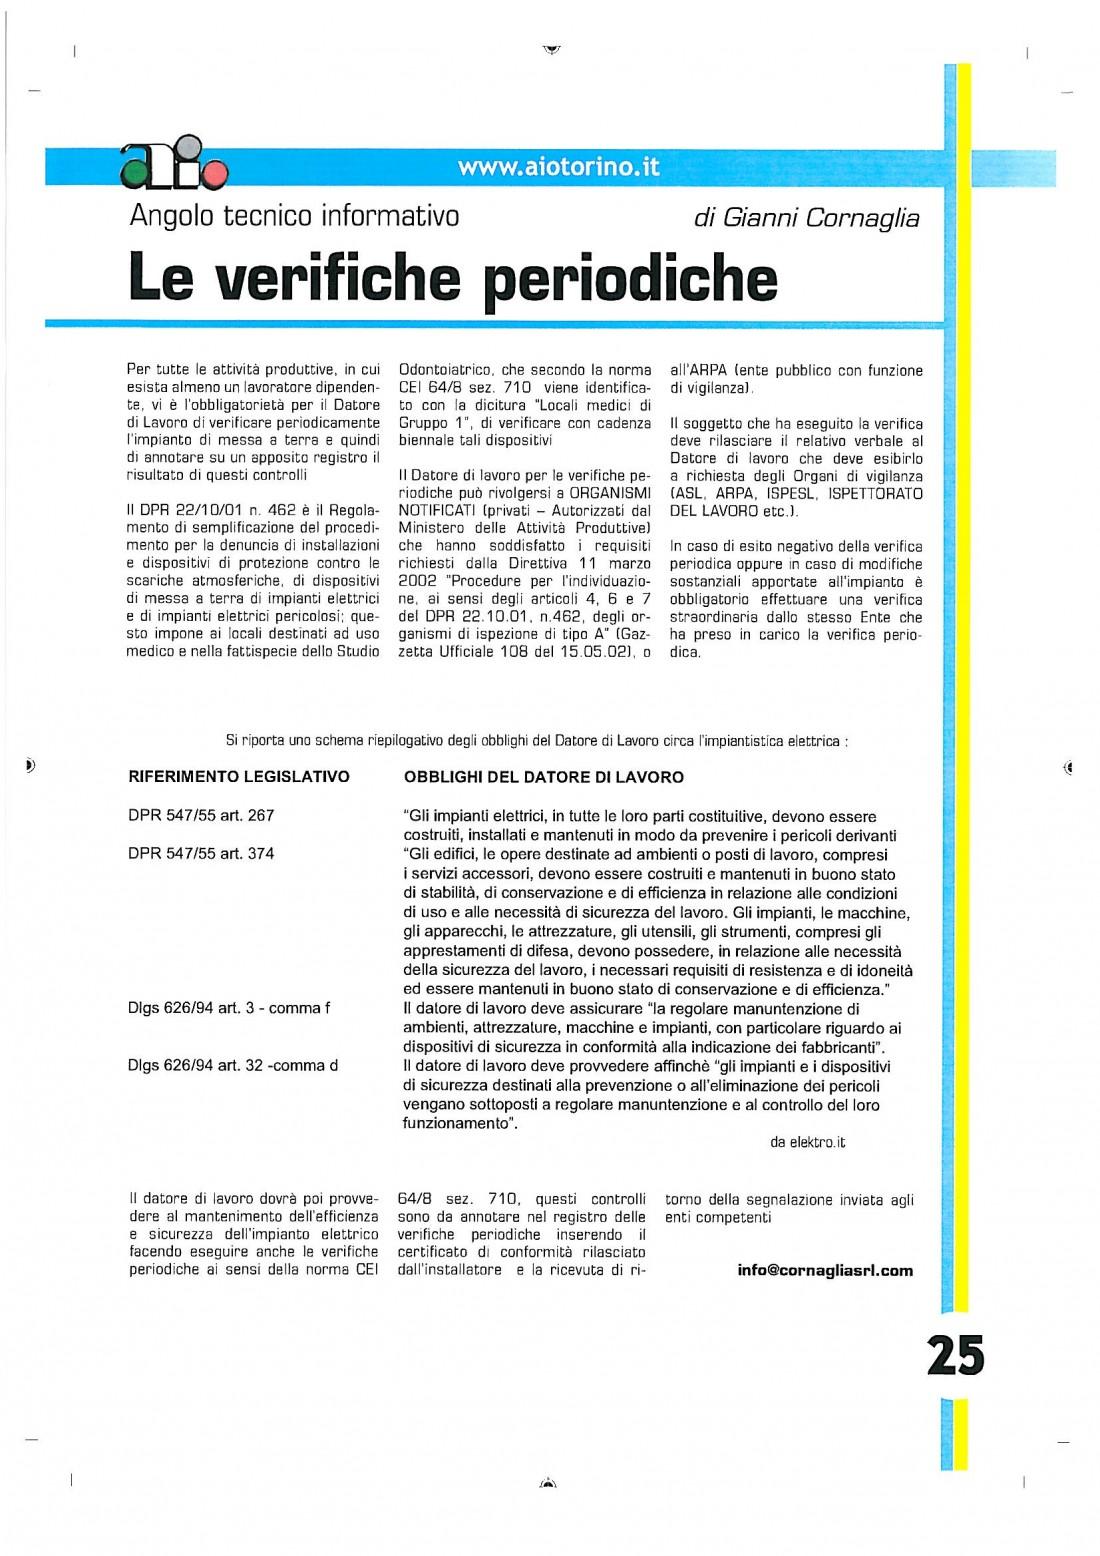 verifiche_periodiche